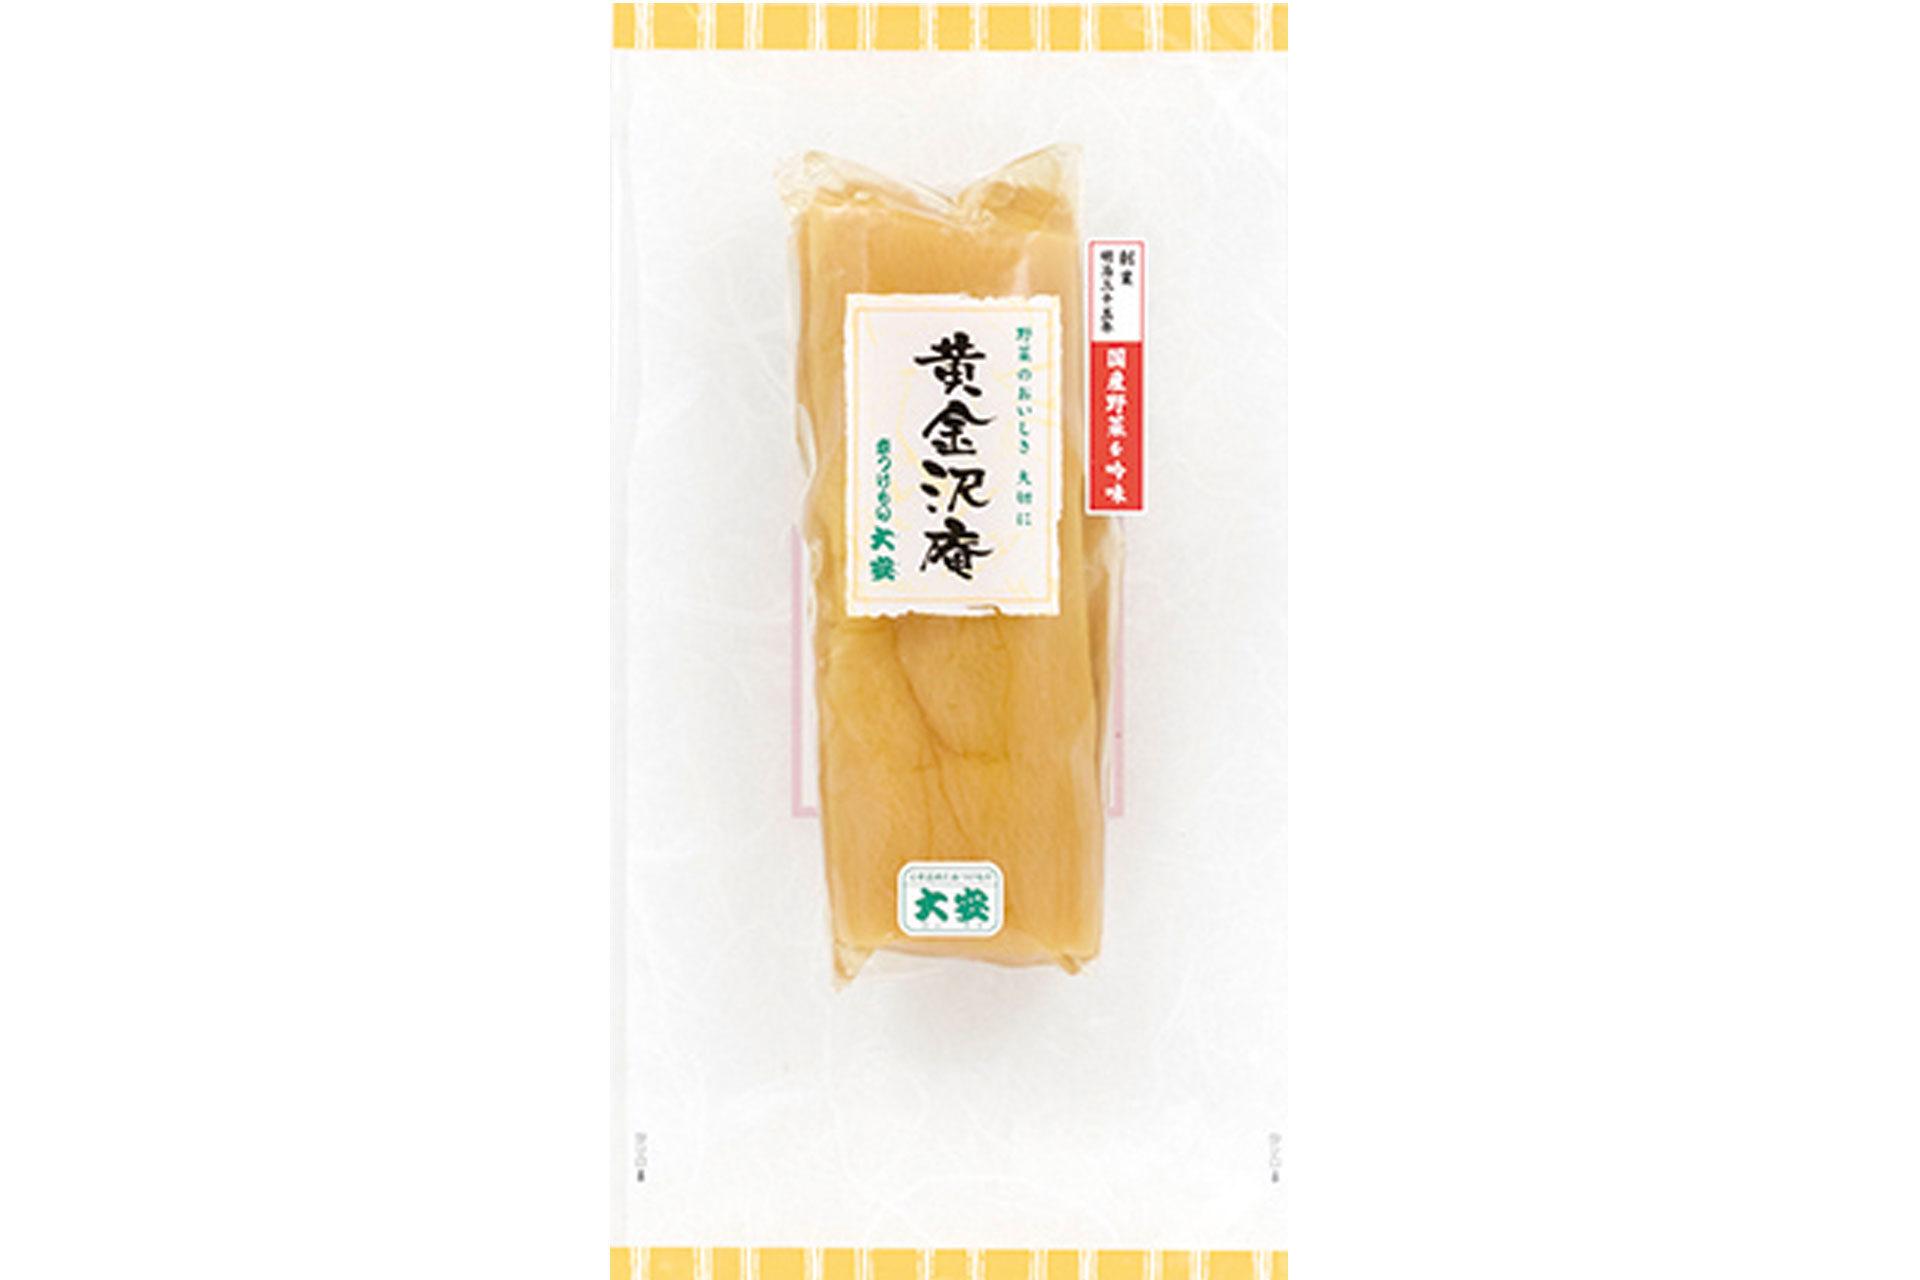 京都老字號的味道在自家的餐桌上!